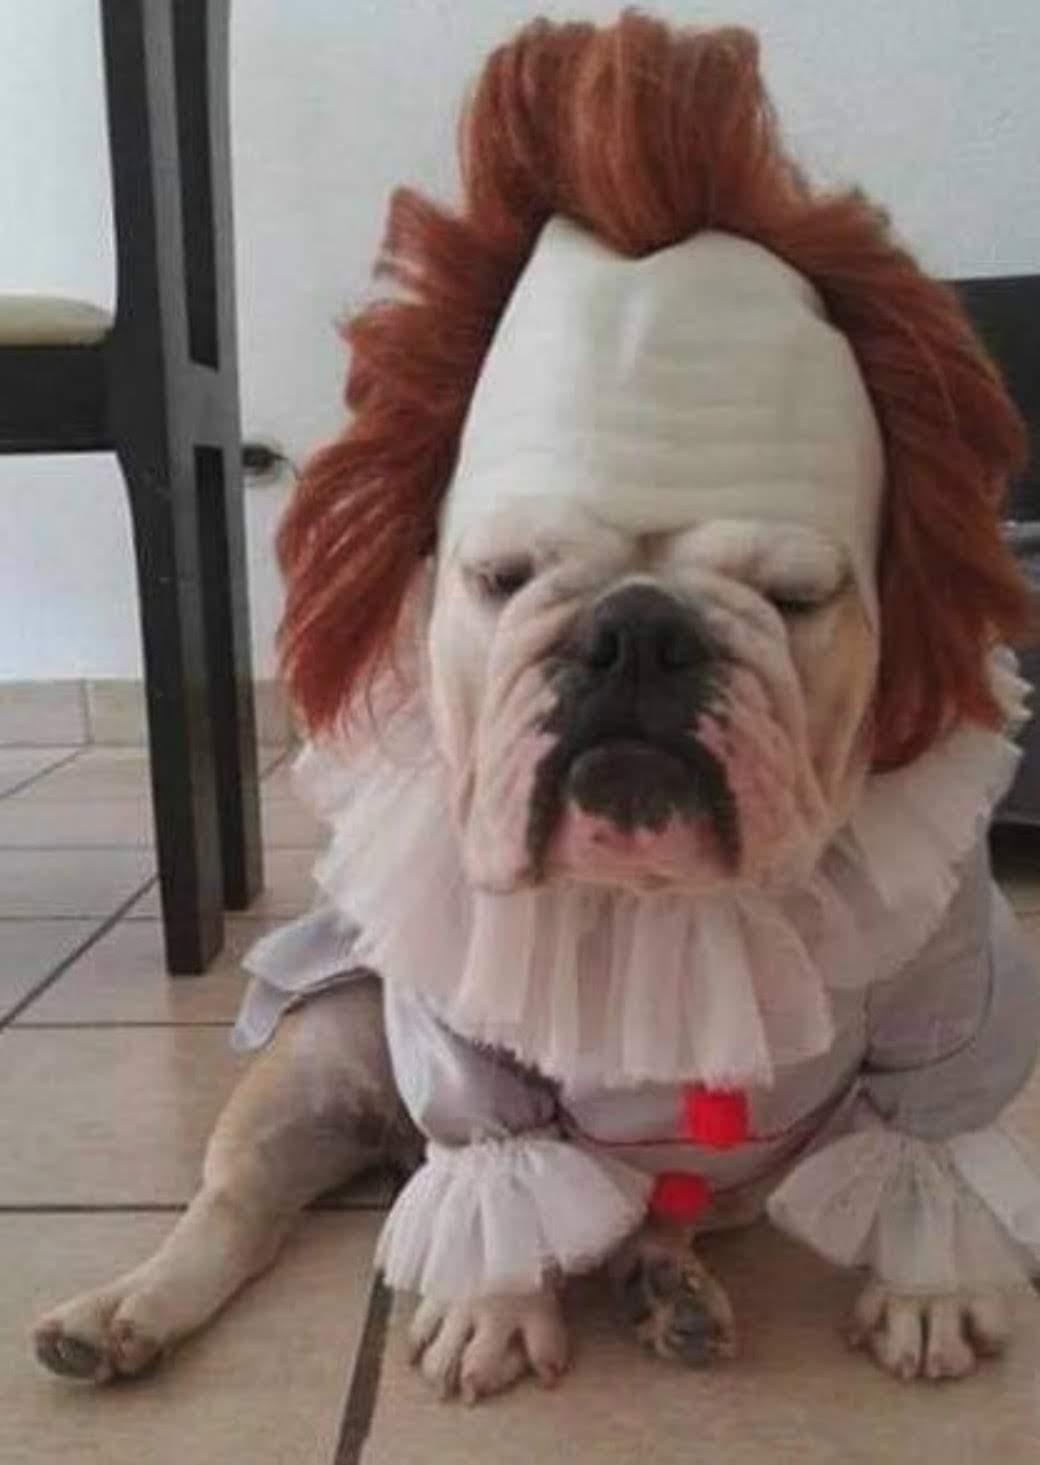 Pennywise-Bull : ハロウィンの恐怖のピエロ犬のペニーワイズブル🎃